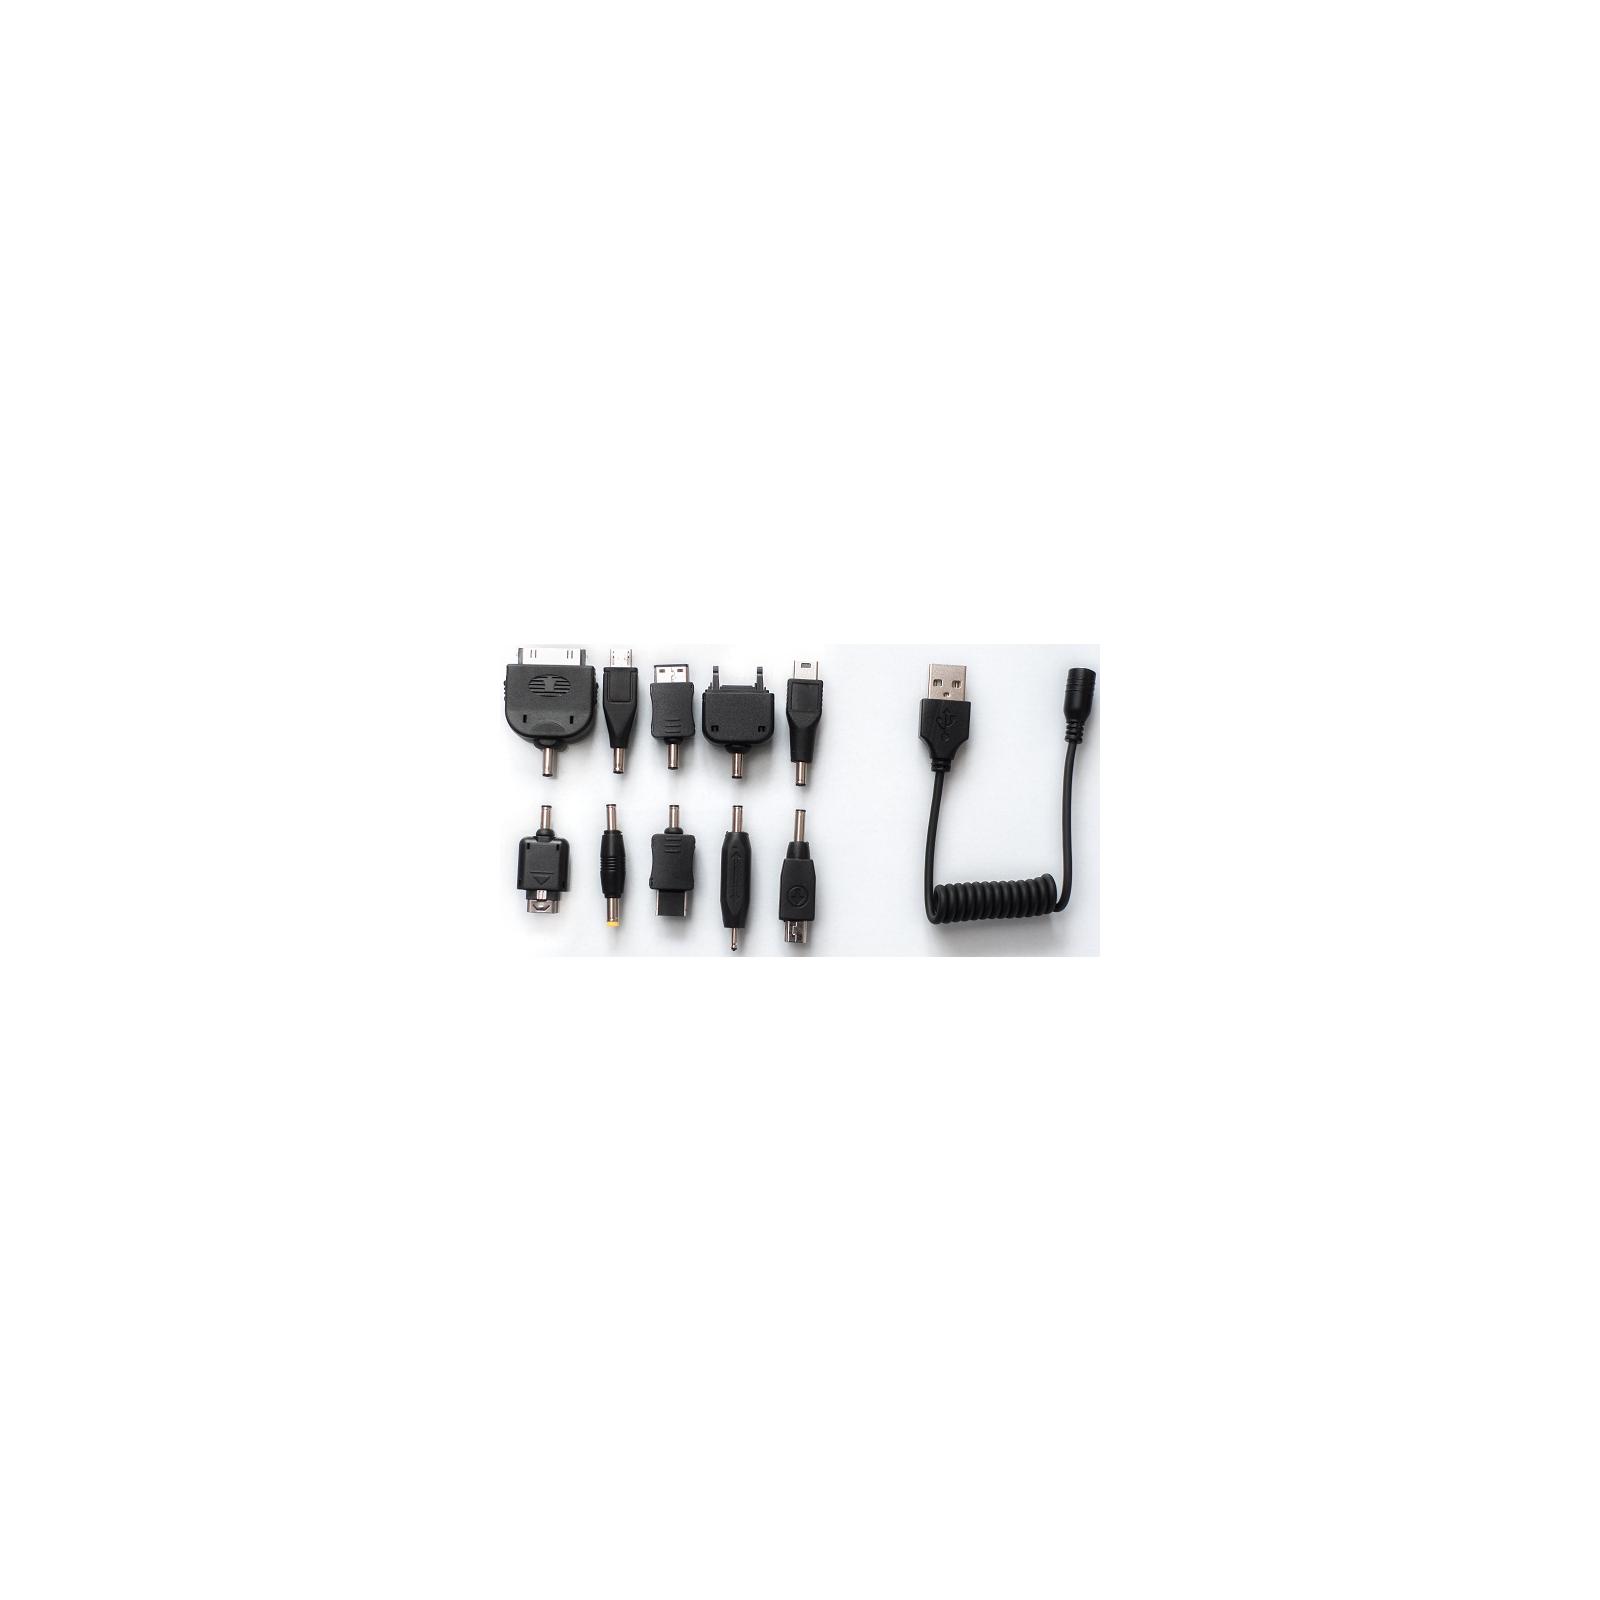 Батарея универсальная PowerPlant PB-SS002 10000mAh (PB-SS002) изображение 5